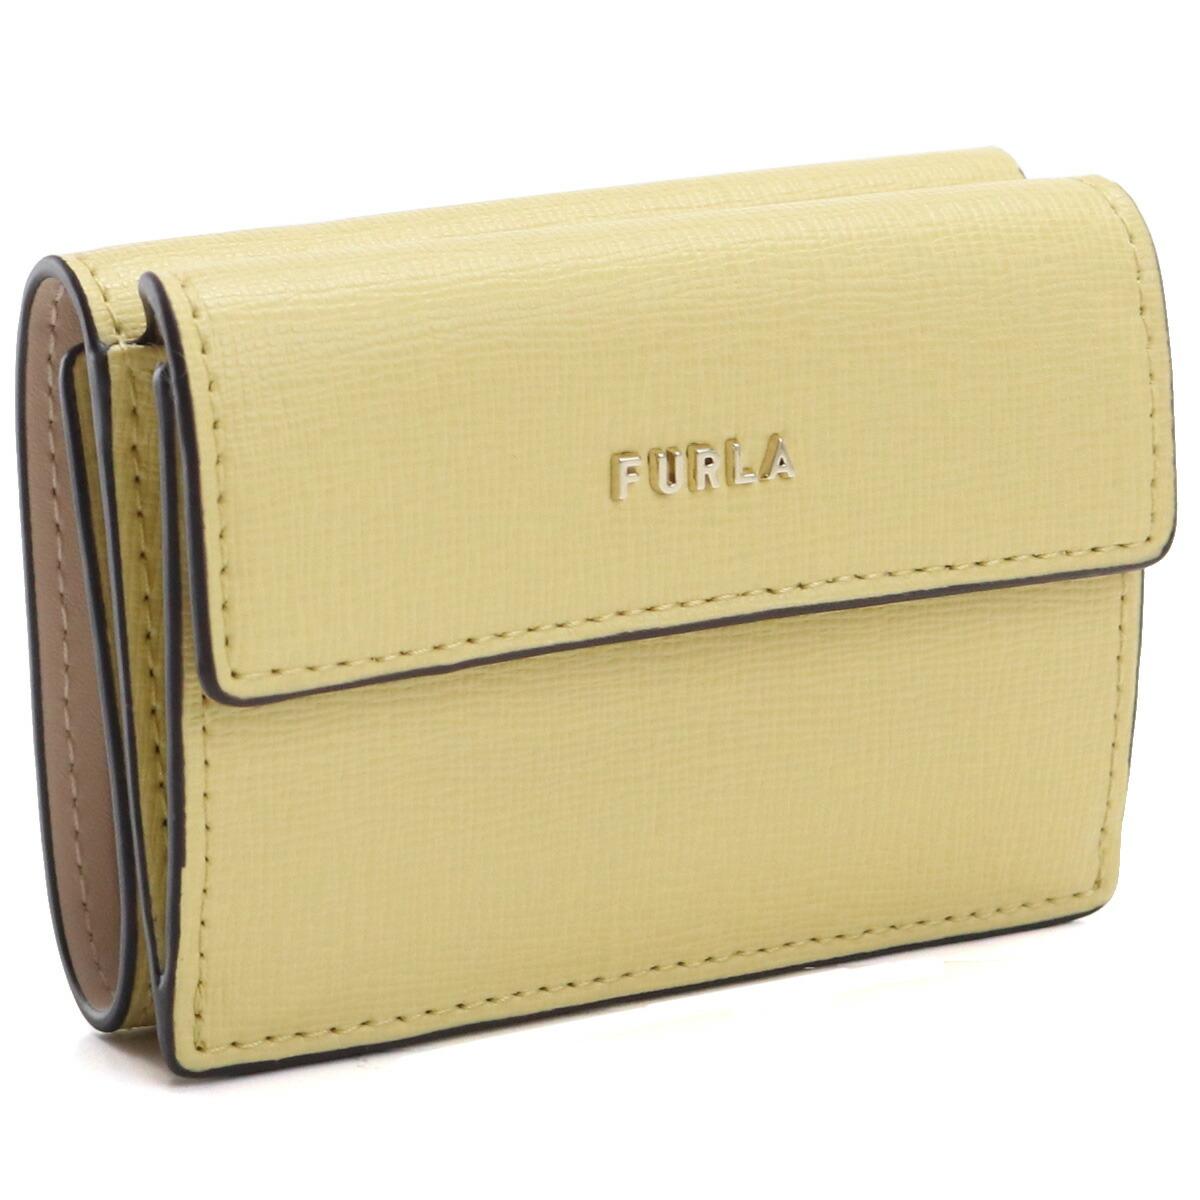 フルラ FURLA BABYLON 3つ折り財布 ブランド財布 ミニ財布 コンパクト財布 PCY9UNO B30000 0603S MIMOSA+BALLERINA イエロー系 gsw-2